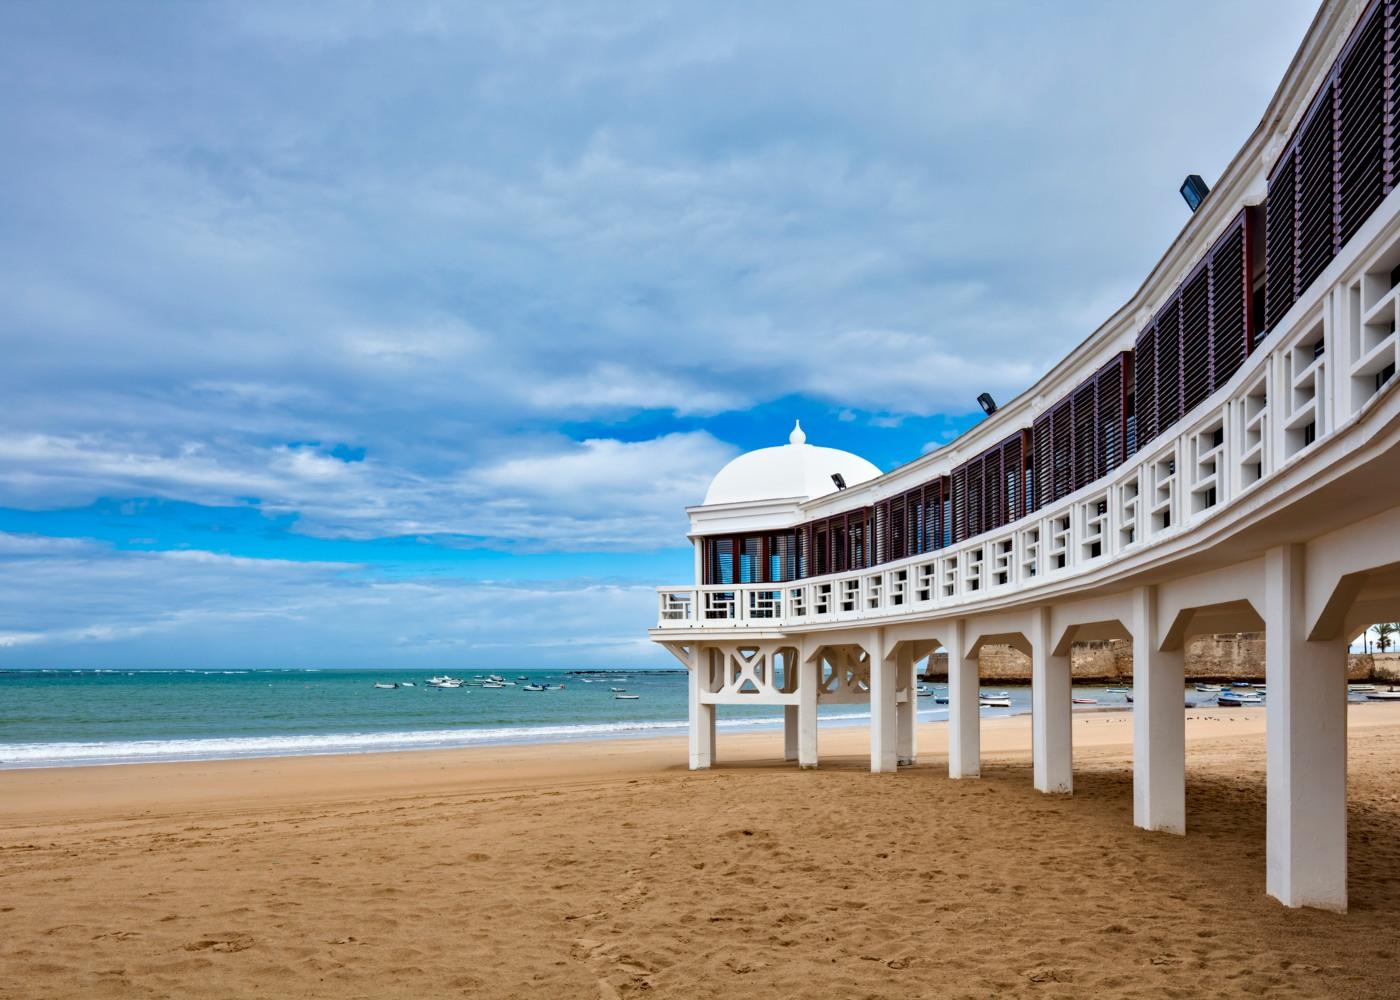 vista sobre arcada e praia